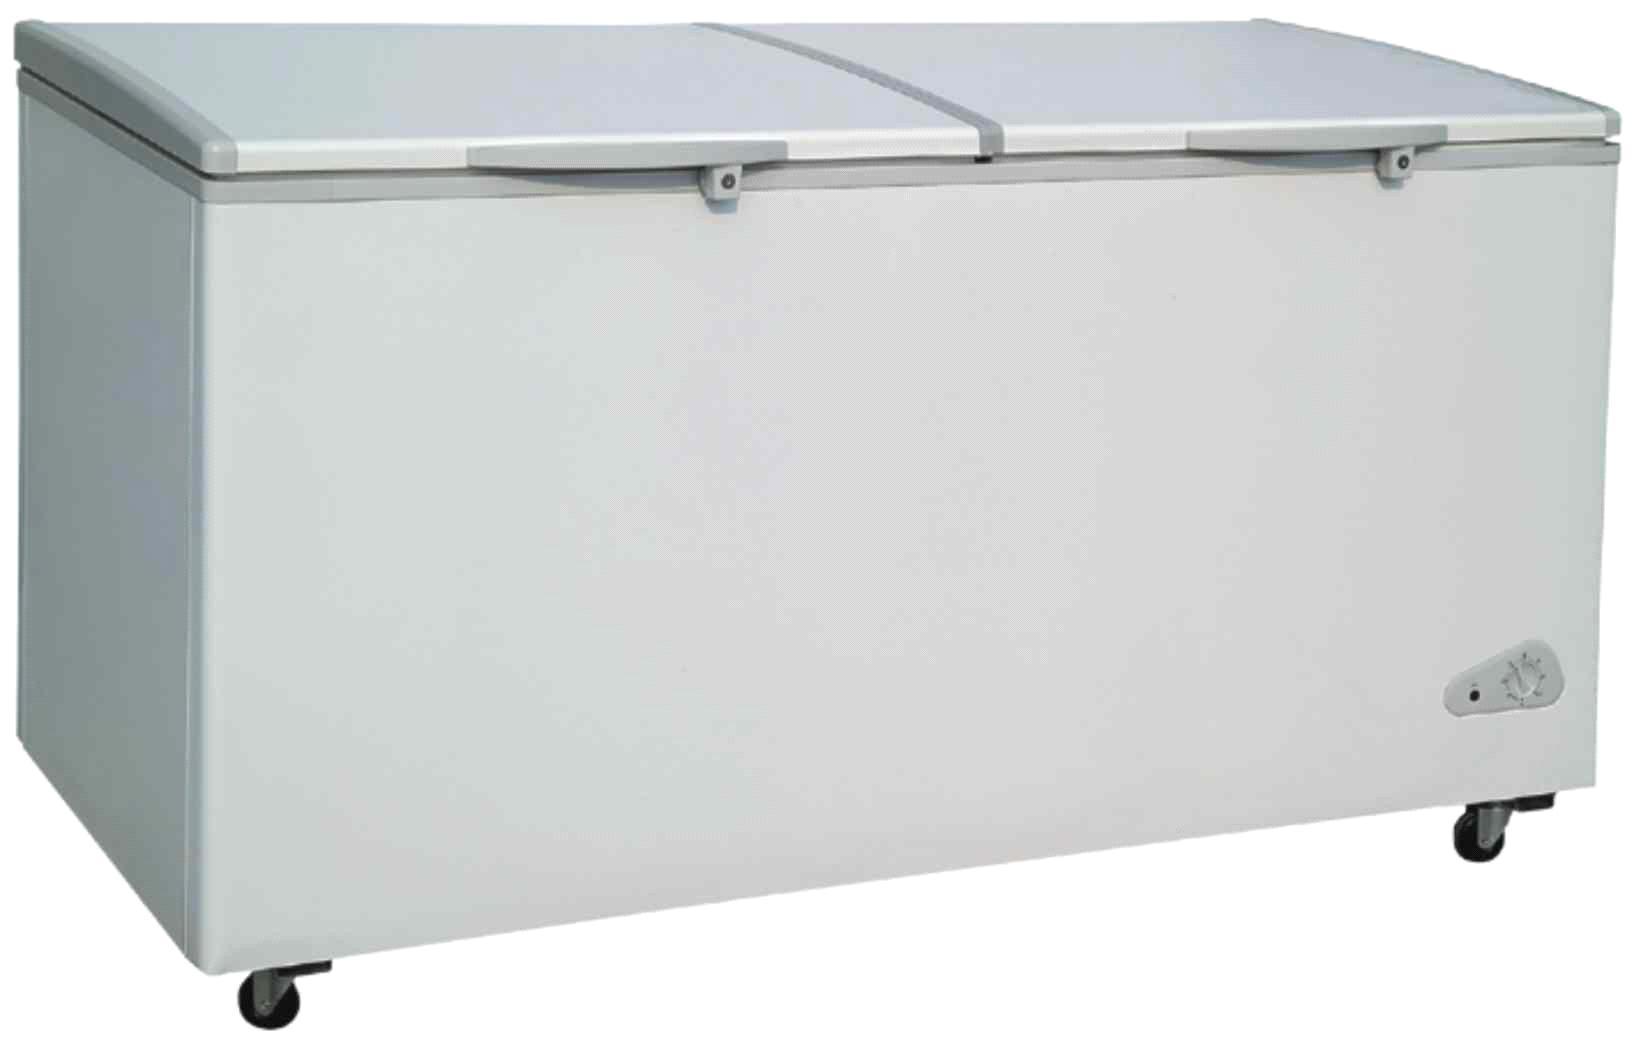 Image Result For Lg Refrigerators Home Depot